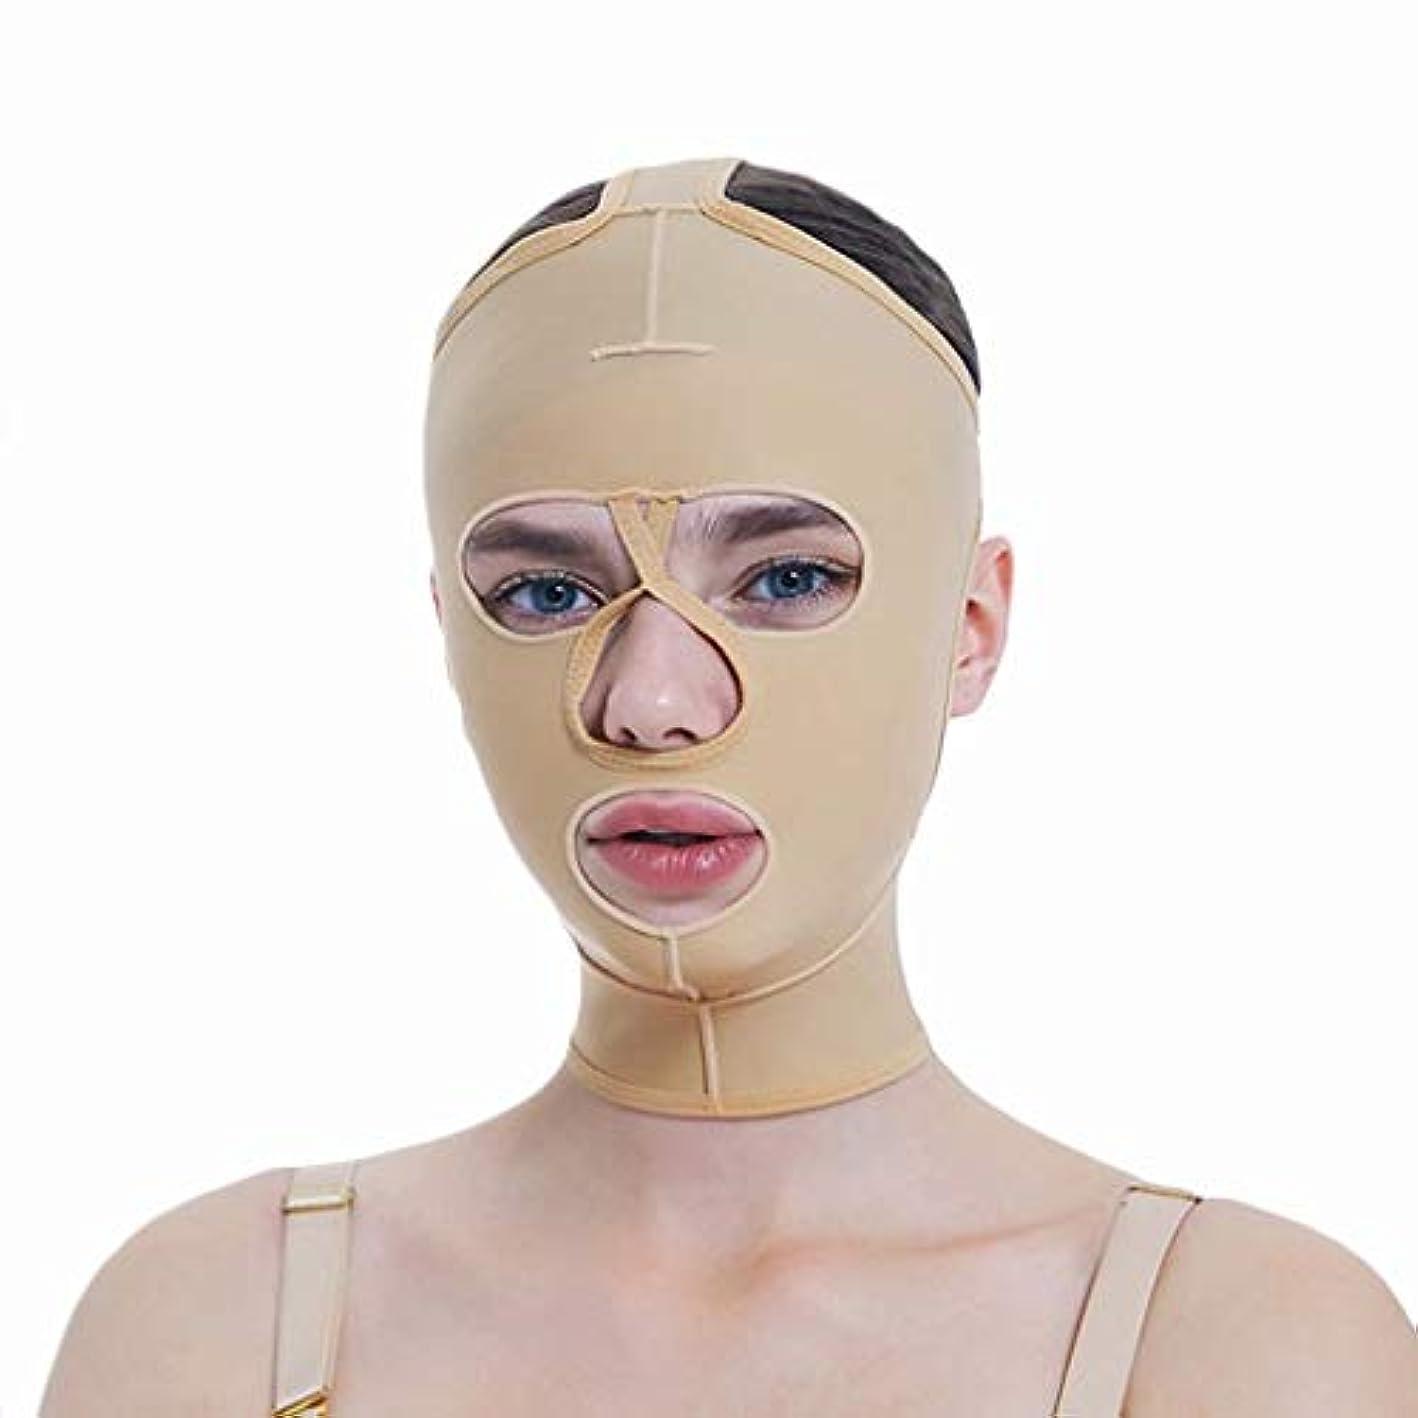 タイトル遠近法紳士気取りの、きざなフェイシャル減量マスク、フルカバレッジ包帯、フルフェイスリフティングマスク、フェイスマスク、快適で リフティングシェーピング(サイズ:S),ザ?